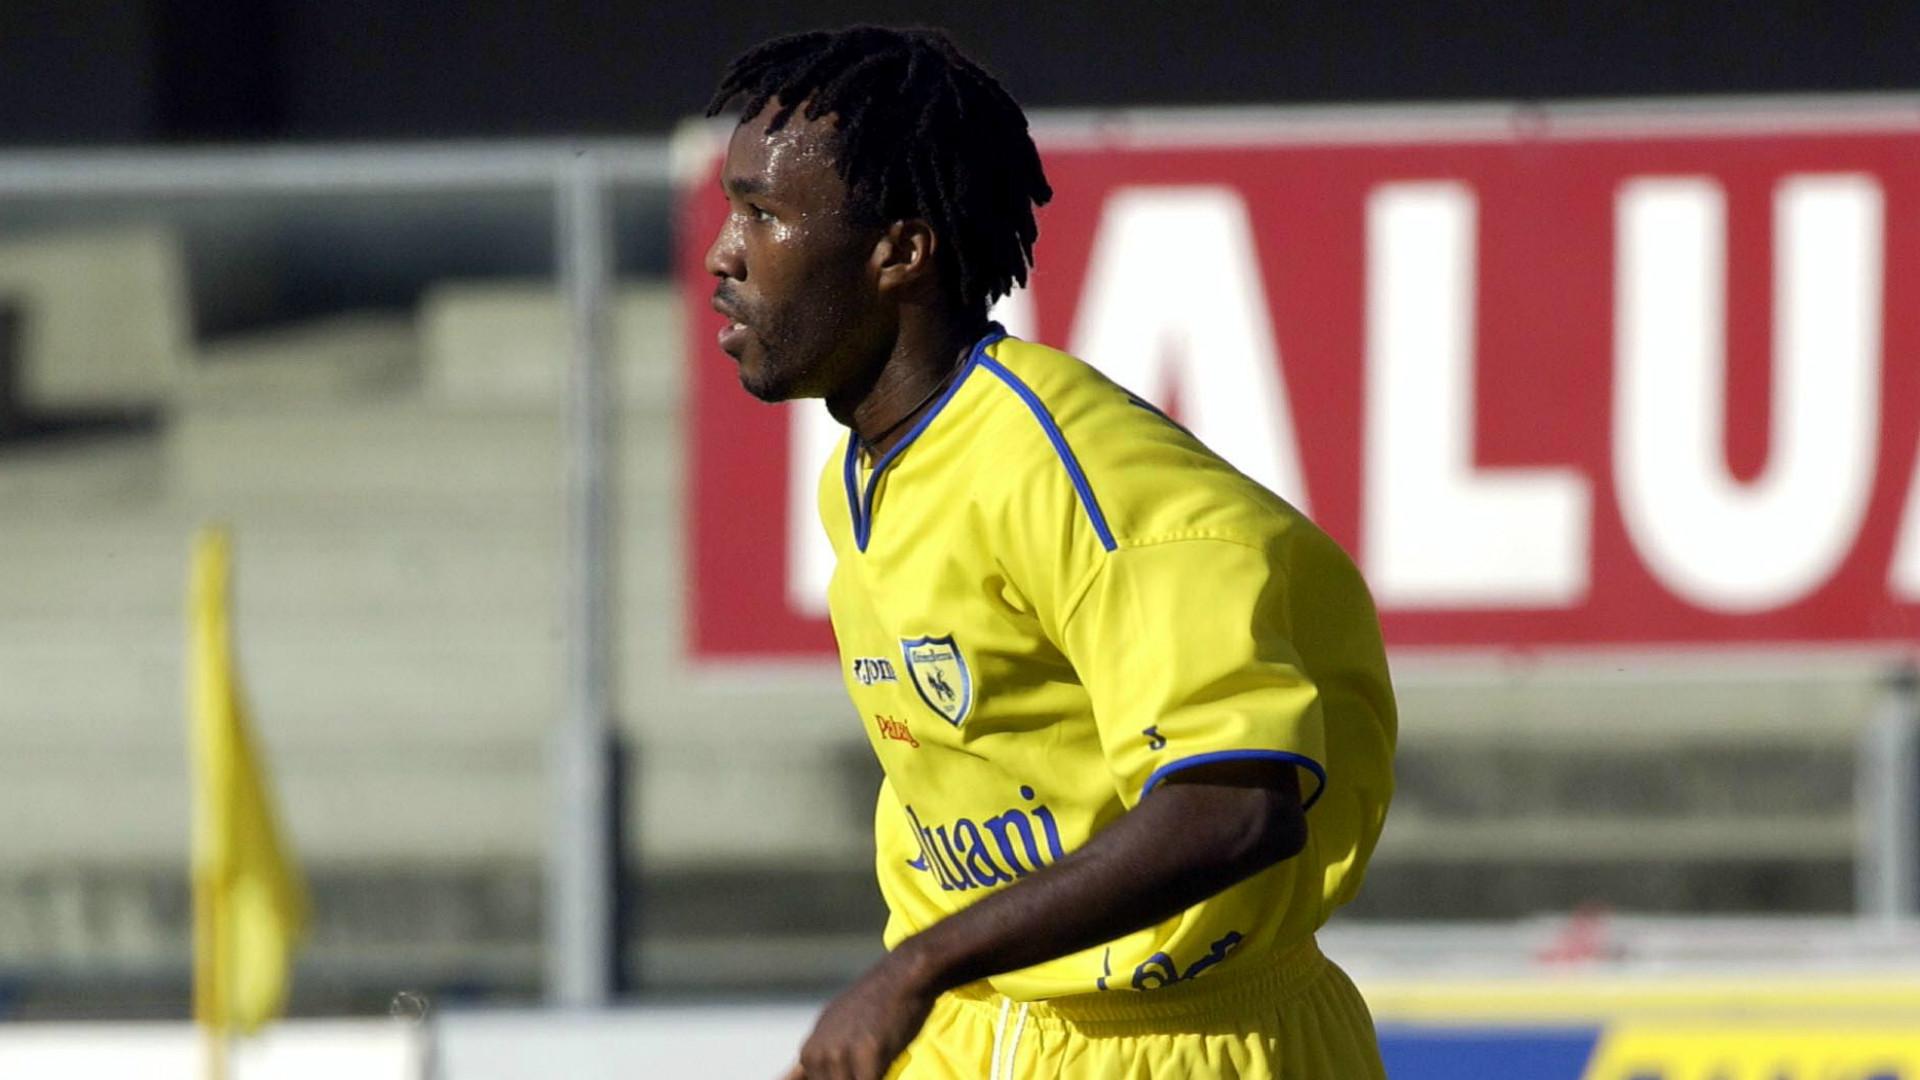 Condannato ex calciatore Manfredini